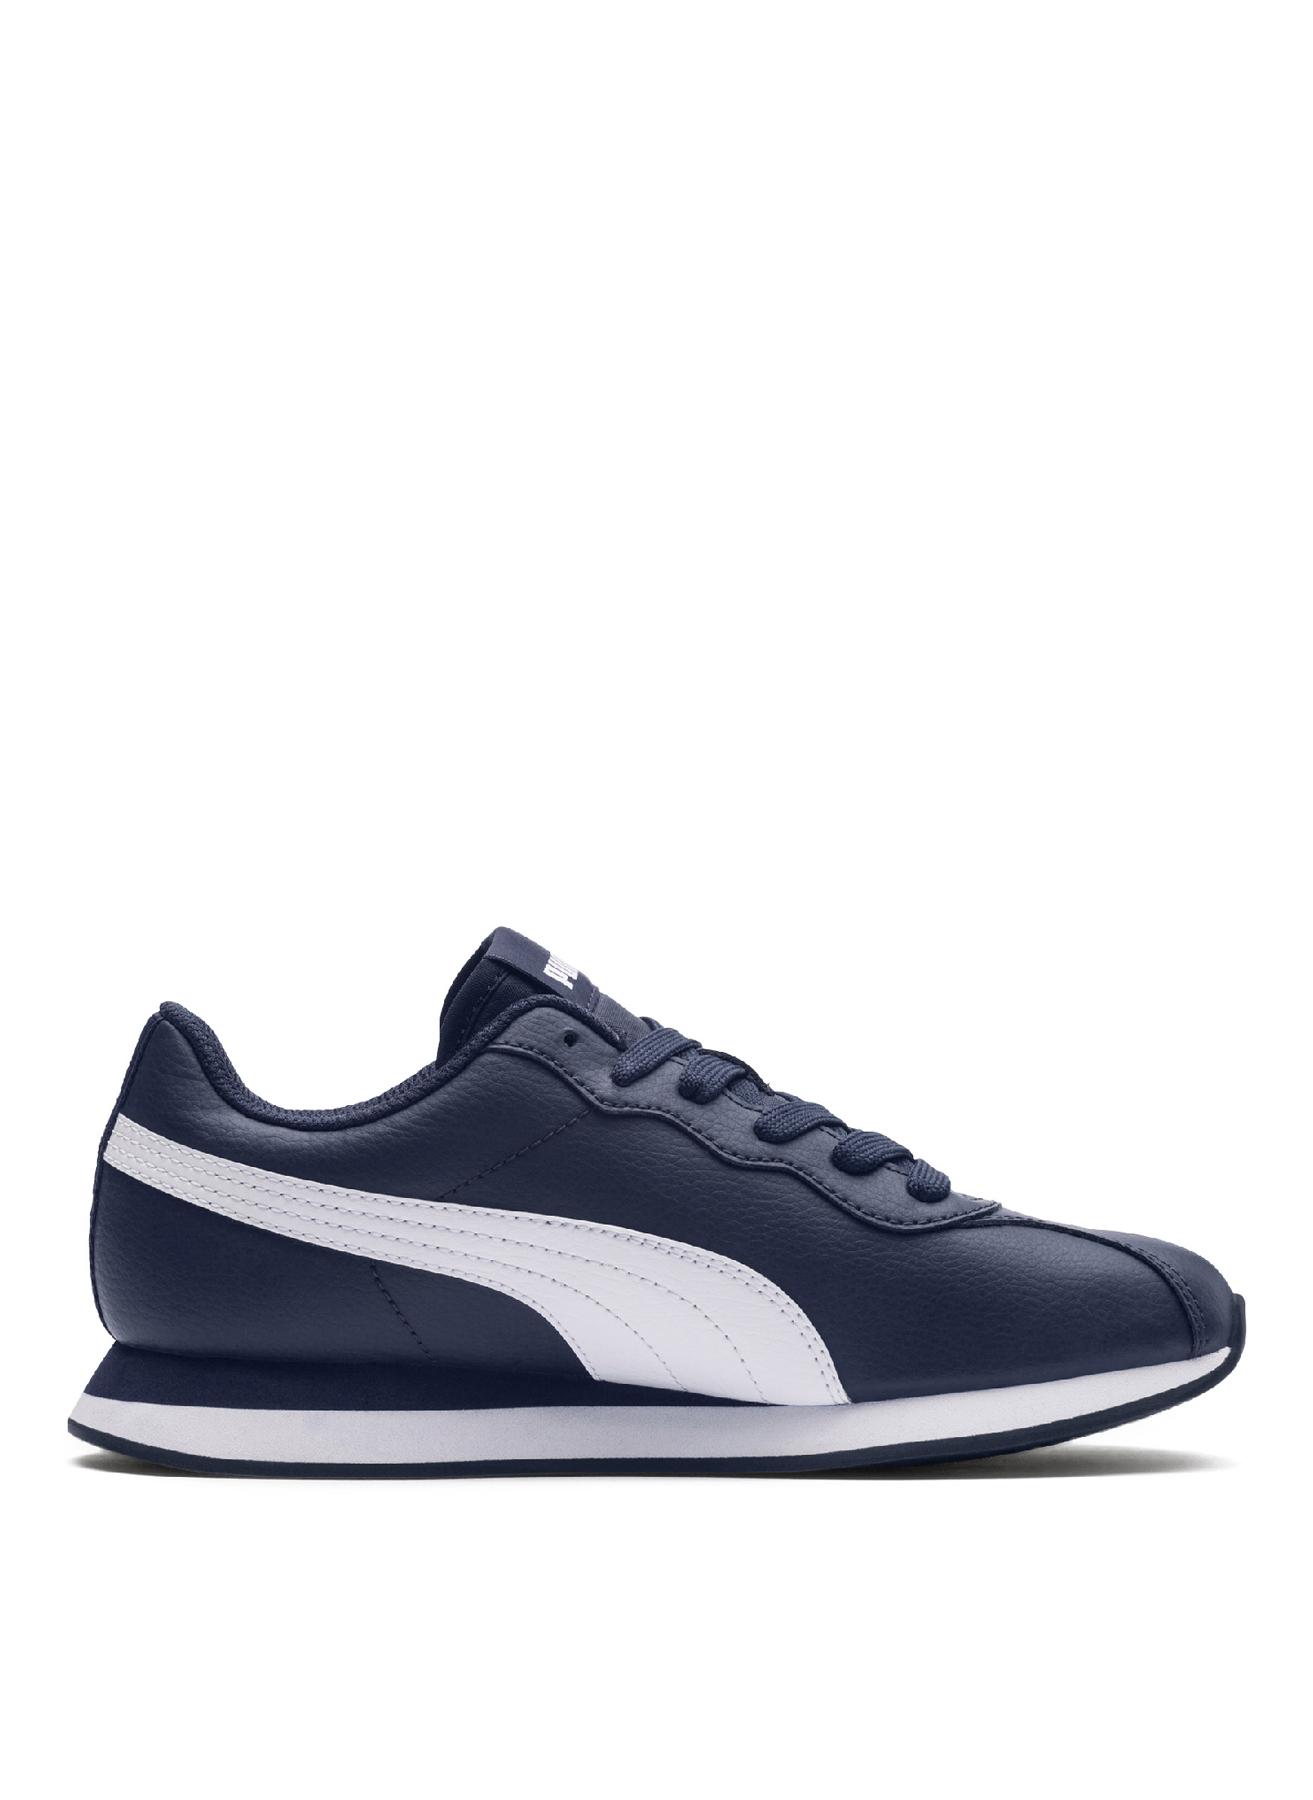 Puma Yürüyüş Ayakkabısı 39 5001697557007 Ürün Resmi